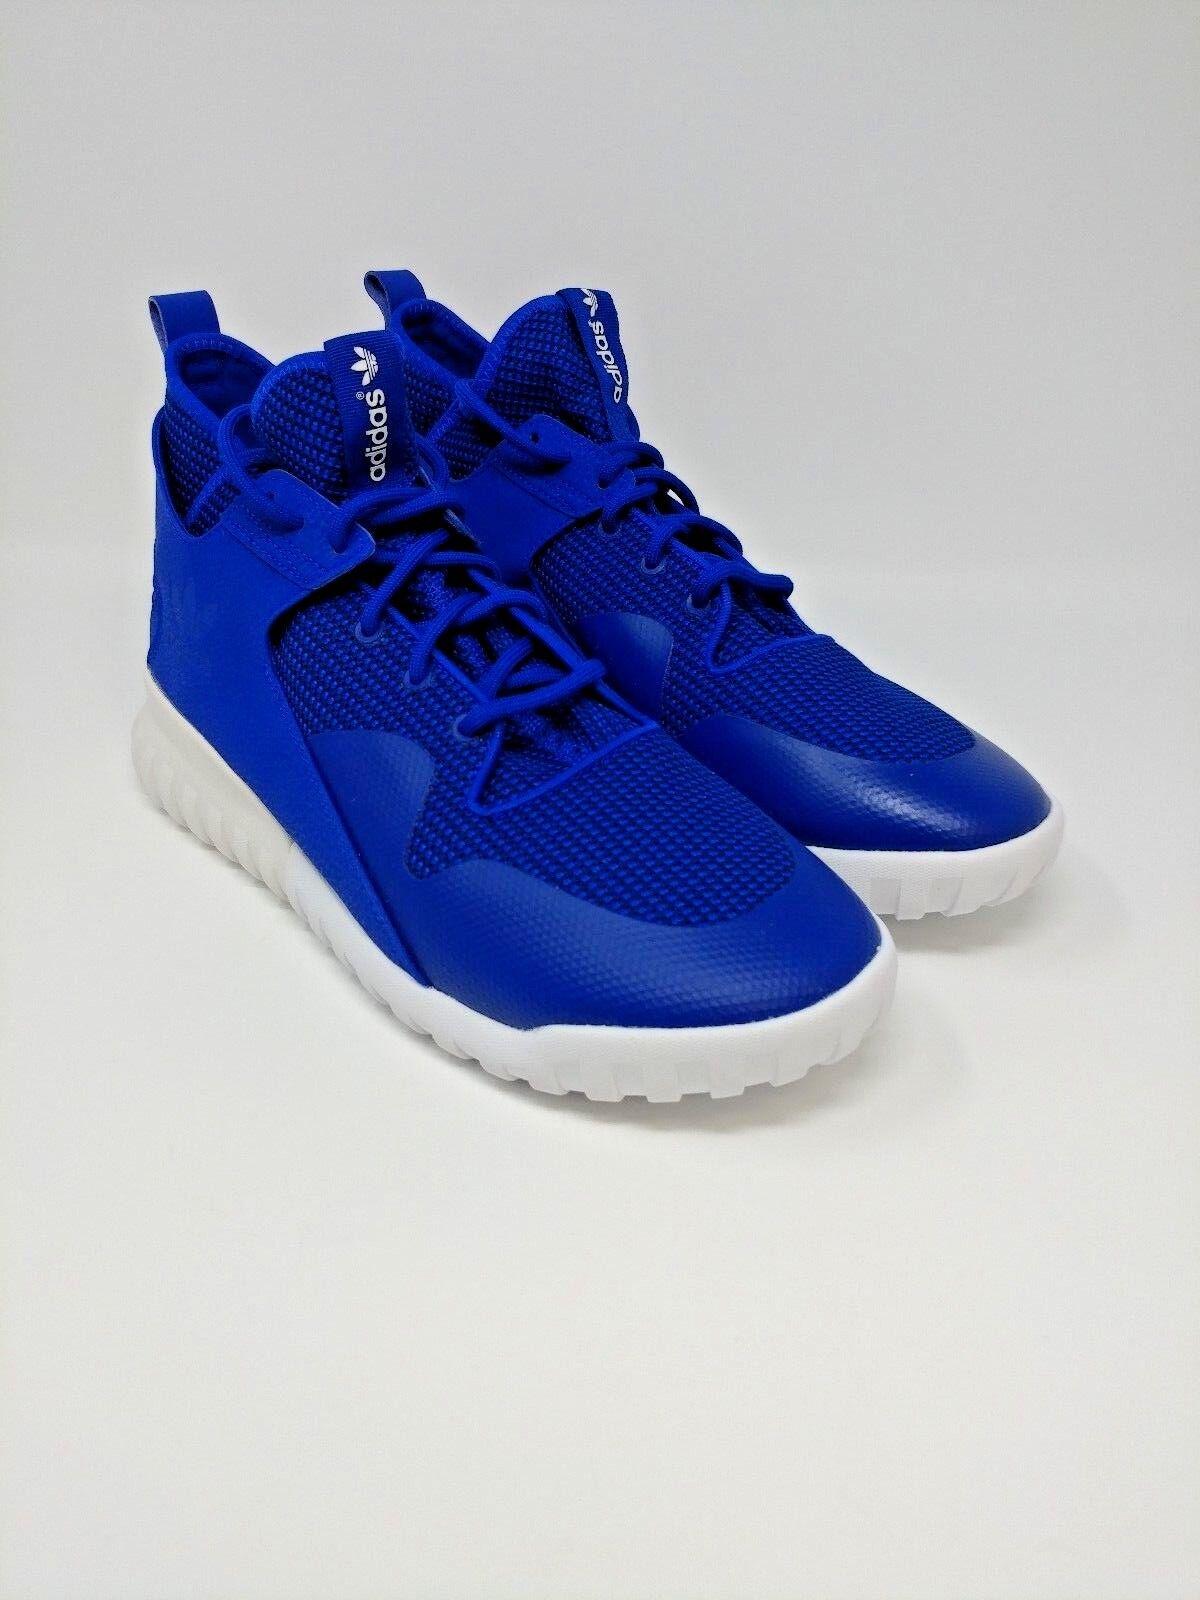 Adidas Tubular X SIZE 10 Royal Blue/Flat White